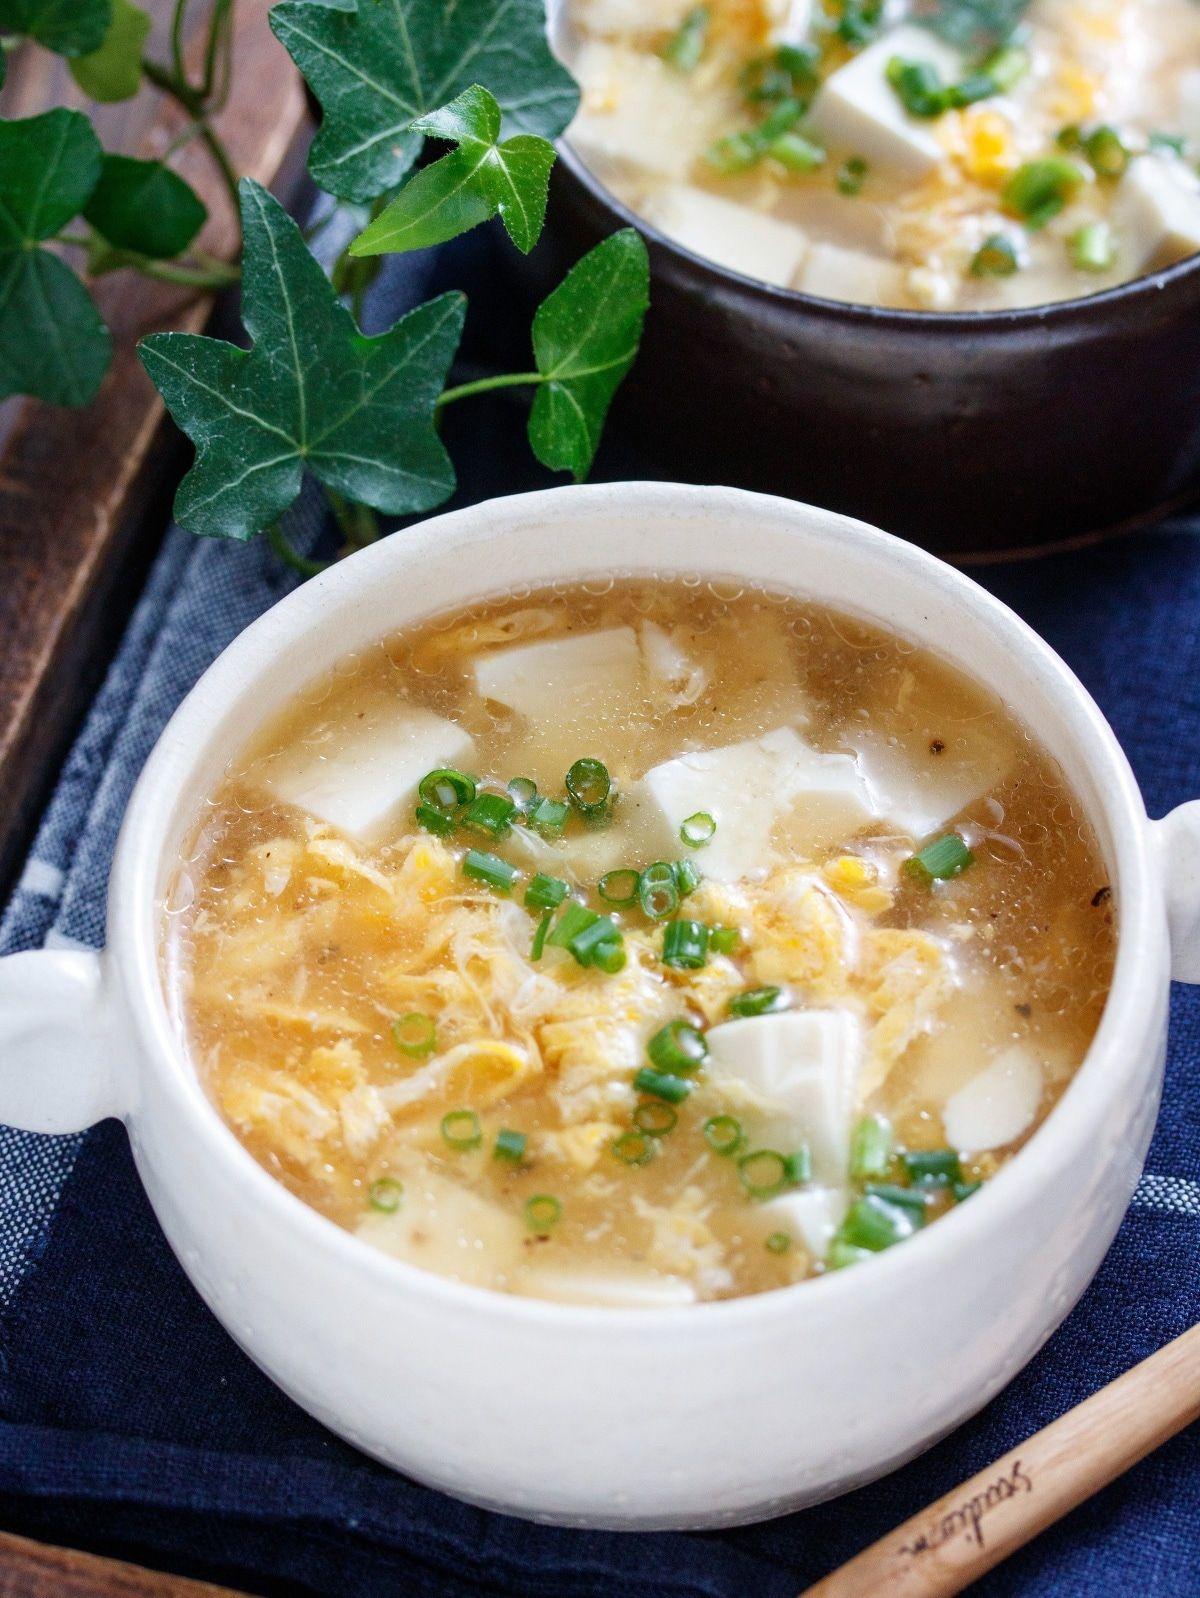 お鍋でスープを温めたら、あとは、お豆腐と卵を加えてサッと煮るだけ♪ 片栗粉は最初からスープに溶け込ませるので、水溶き片栗粉を作る手間(洗い物も)が不要!しかも、ダマになる心配もないという、なんともズボラさんには嬉しい手法。笑 とろとろのスープが、ふわふわの豆腐と卵に絡んで、一口食べるとホッとする味わい♡胃腸にも優しいので、お正月明けの食べ過ぎた時にもオススメですよ♪